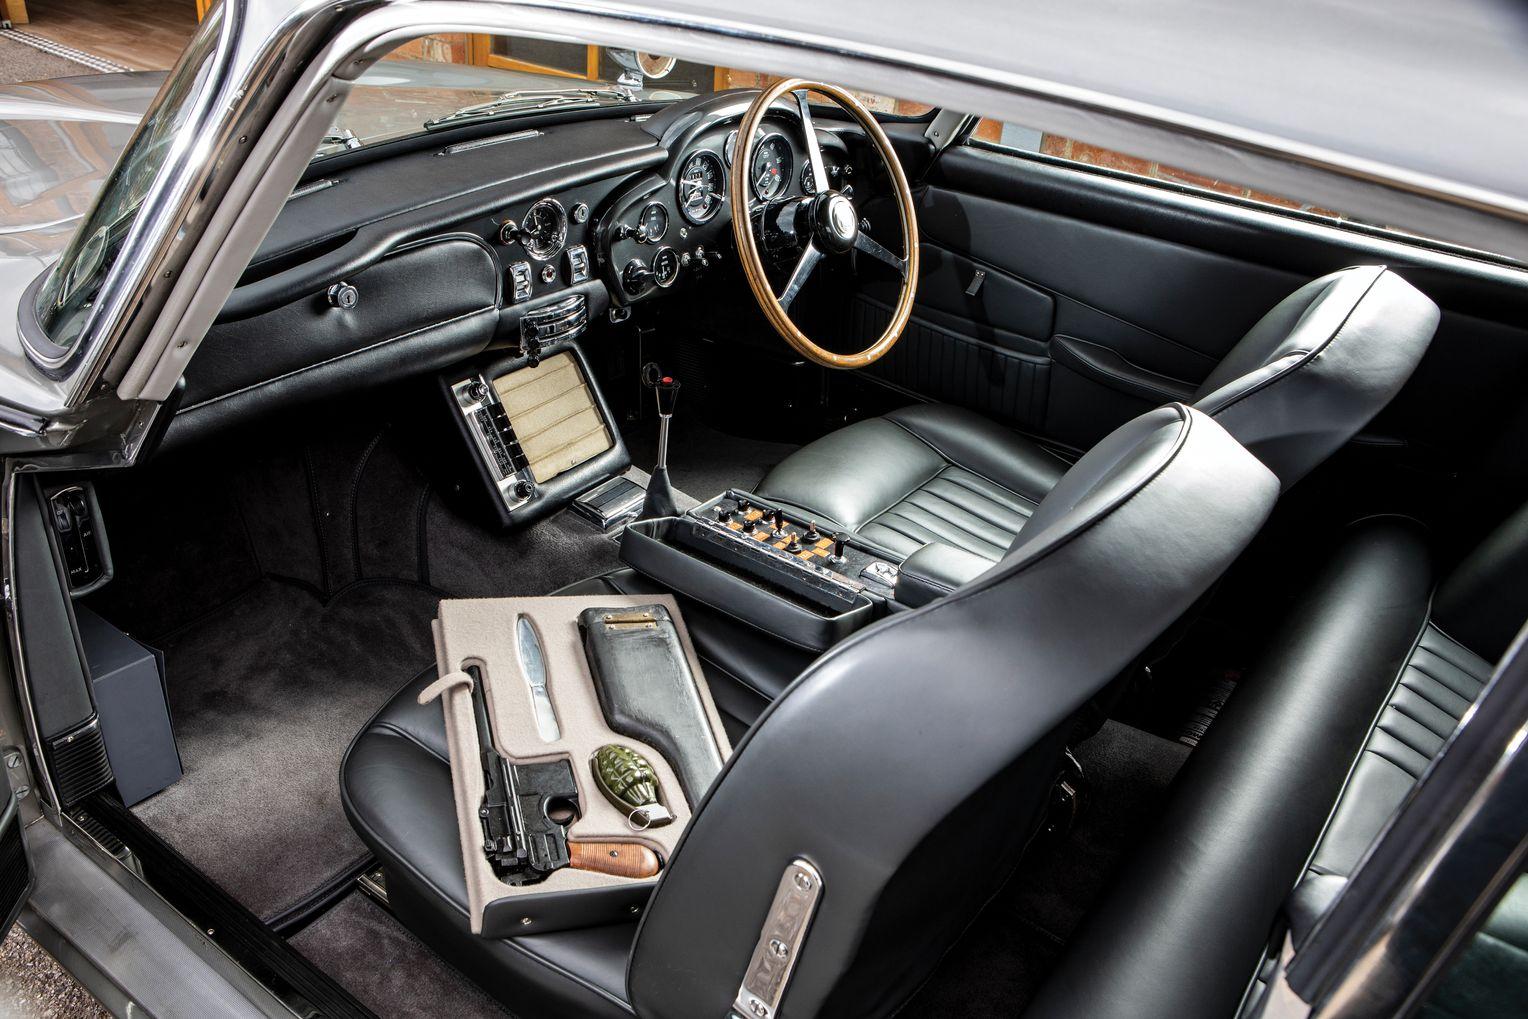 James Bond Aston Martin Db5 Für Sechs Millionen Us Dollar Versteigert Der Spiegel